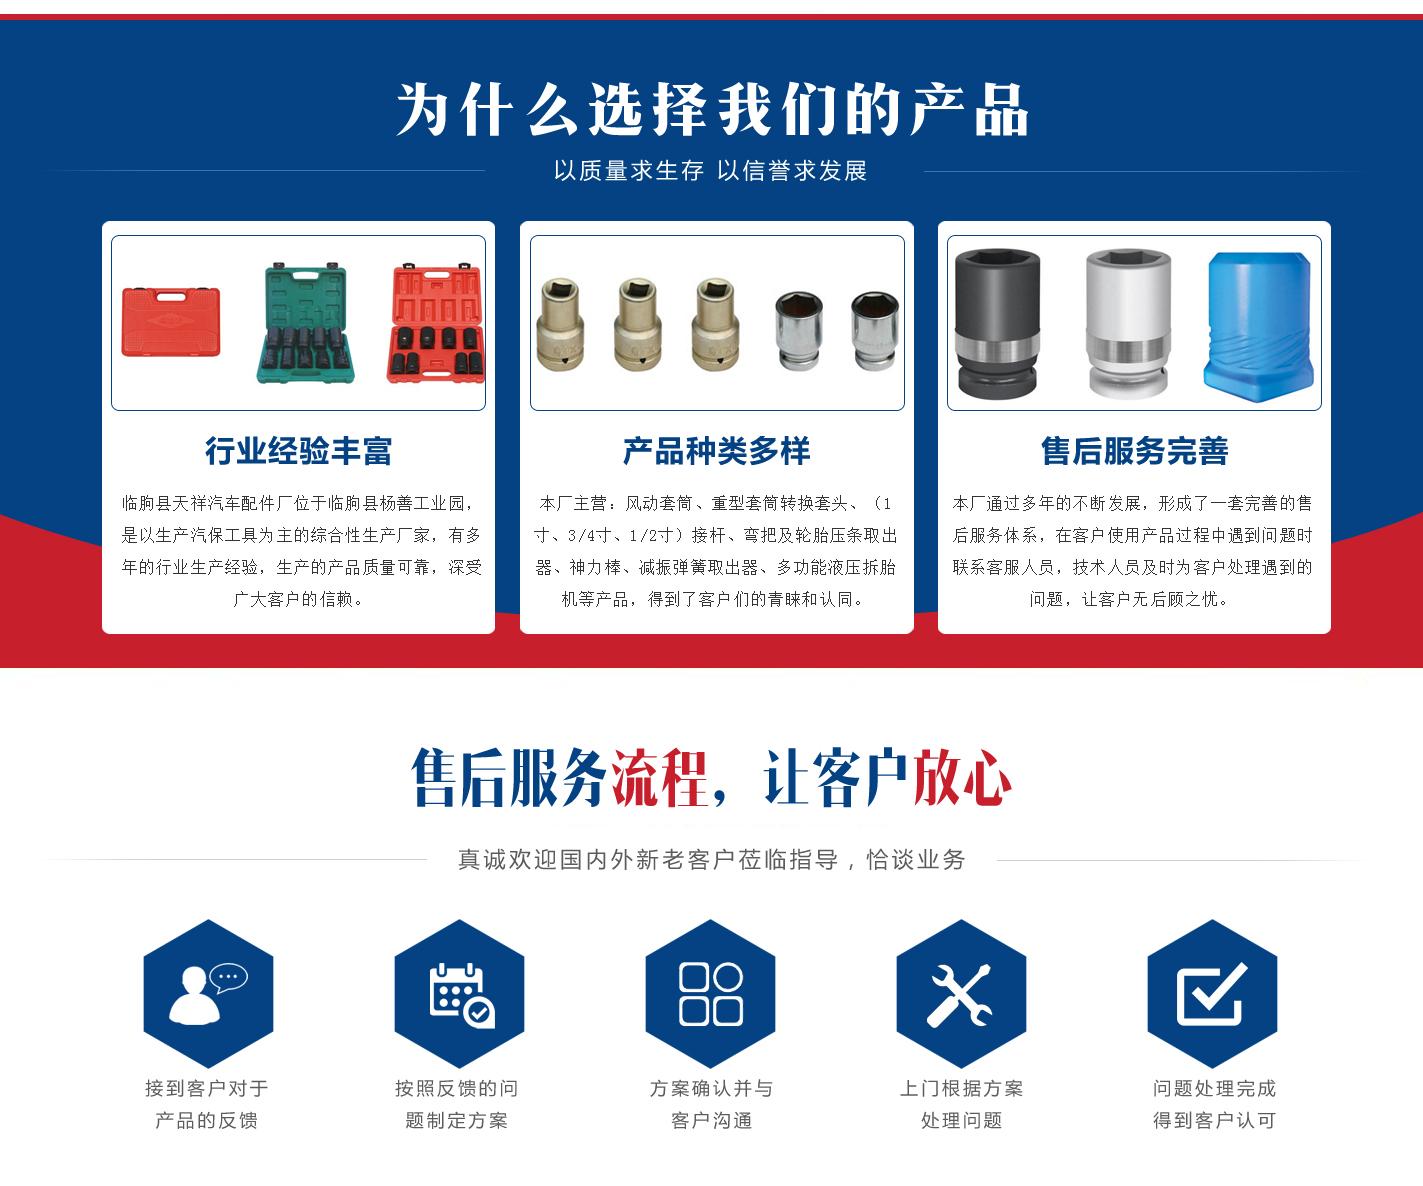 临朐县天祥汽车配件厂